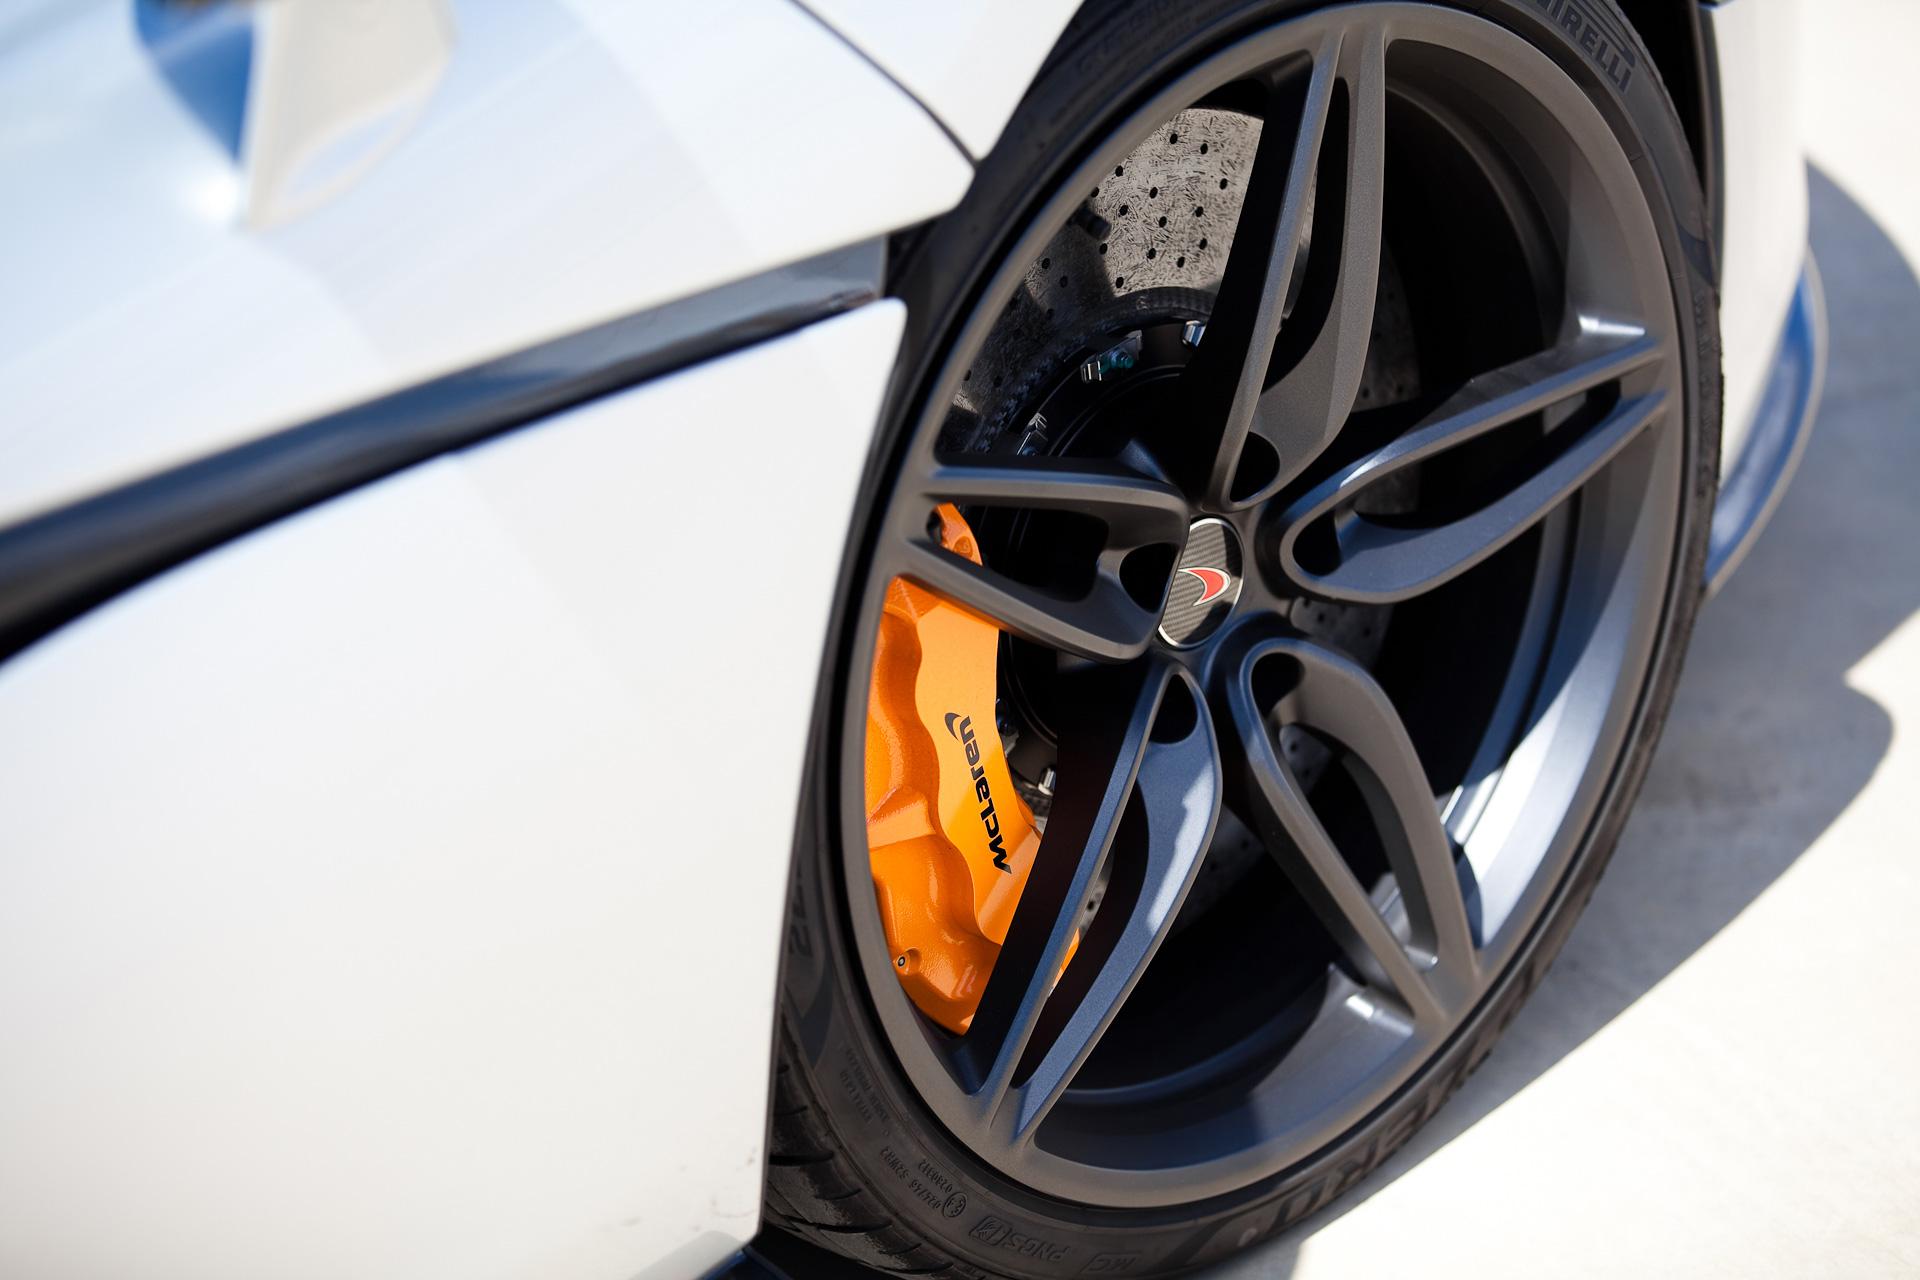 mclaren-570s-wheels